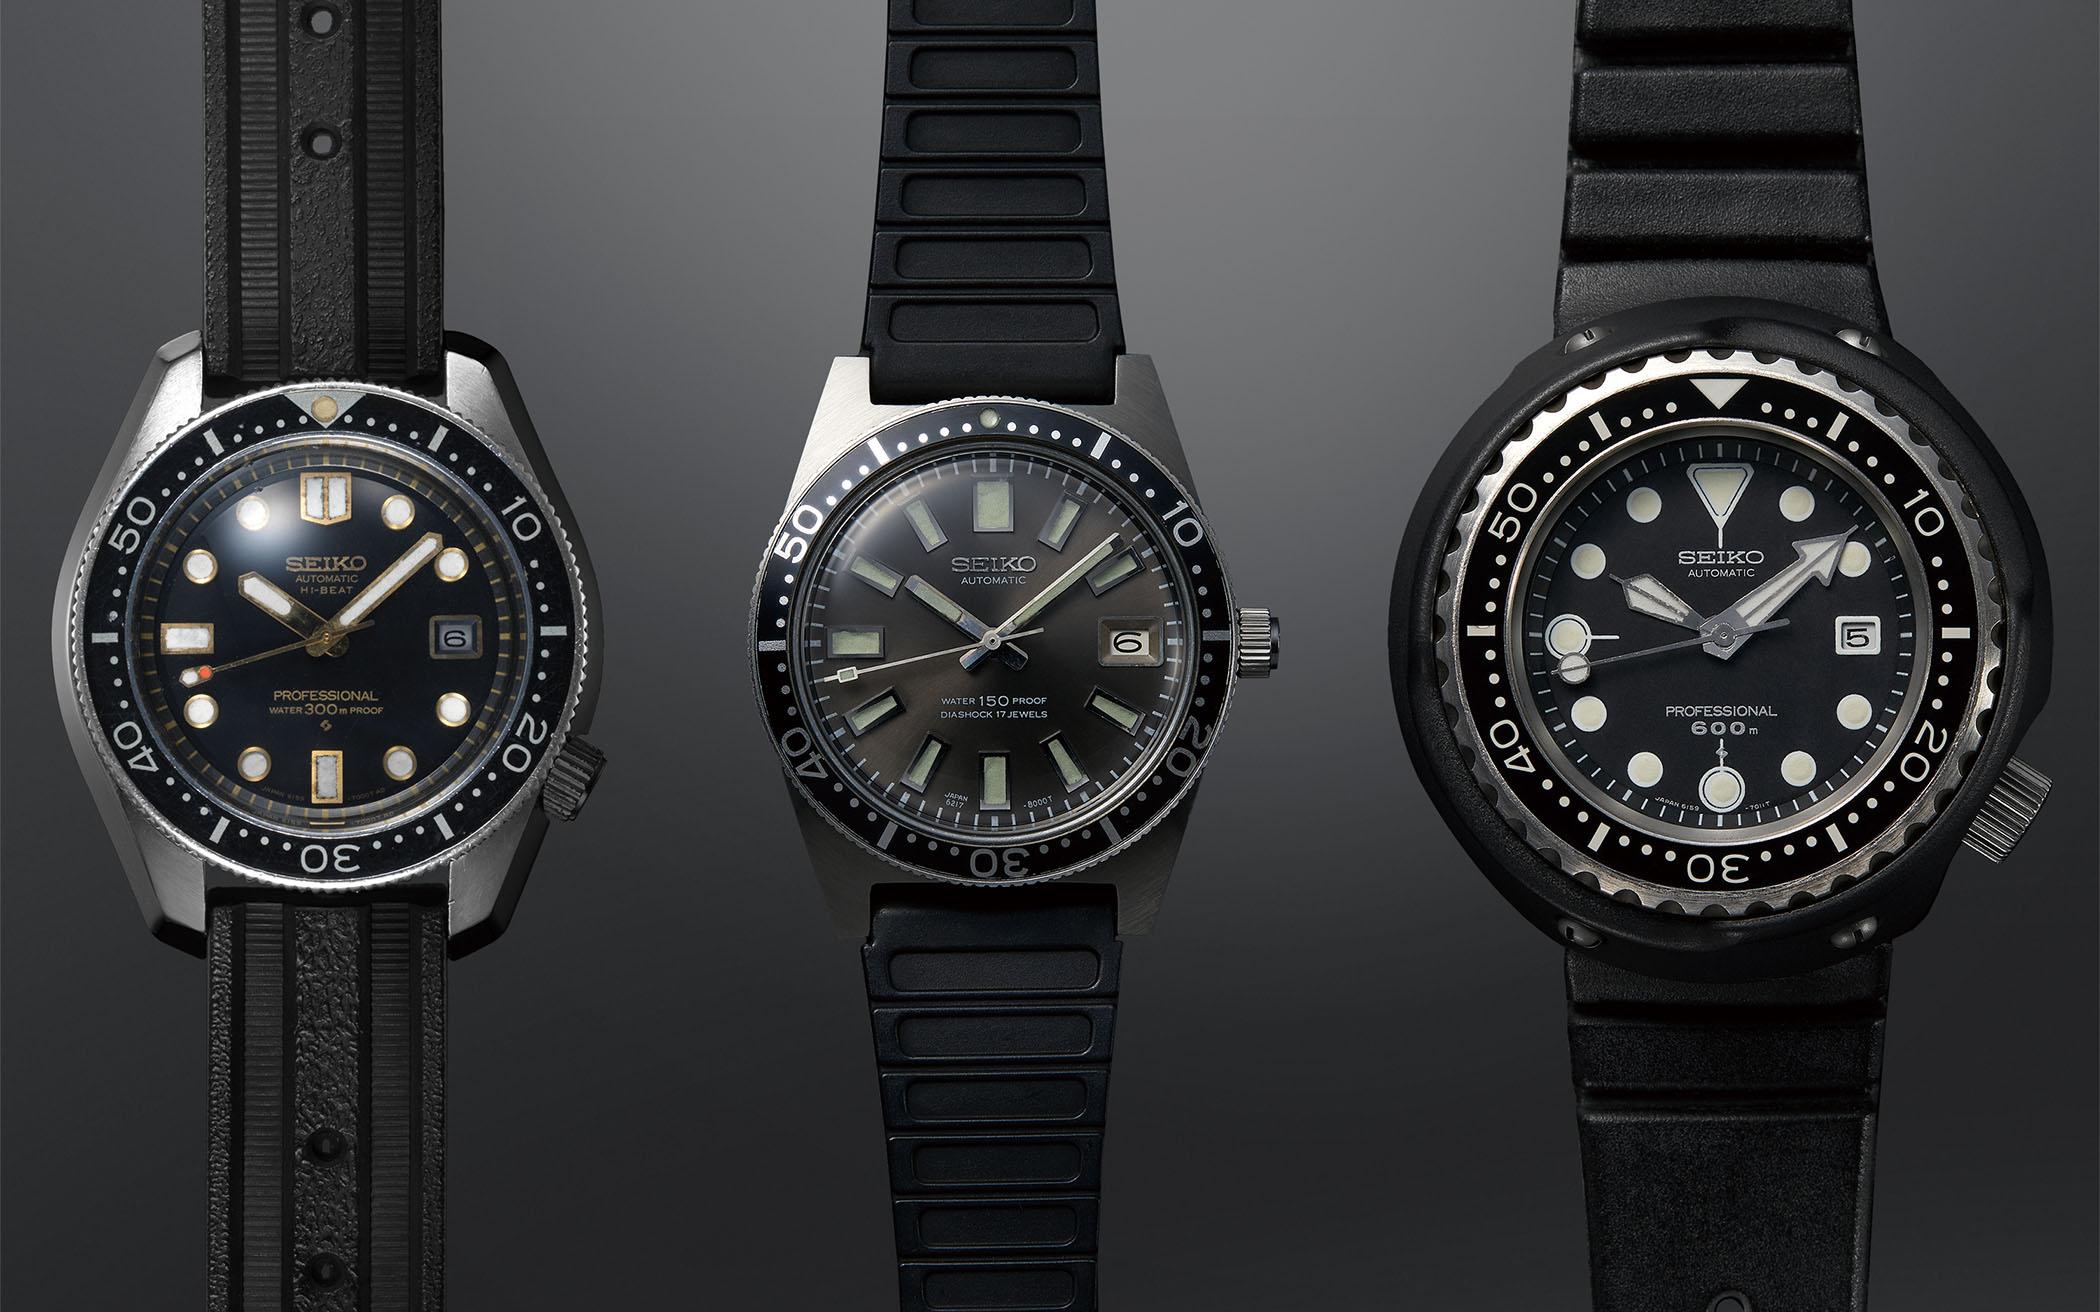 Vintage Seiko Dive Watches - 1968 Hi-beat Diver 300m - 1965 62MAS 150m - 1975 Professional Diver 600m